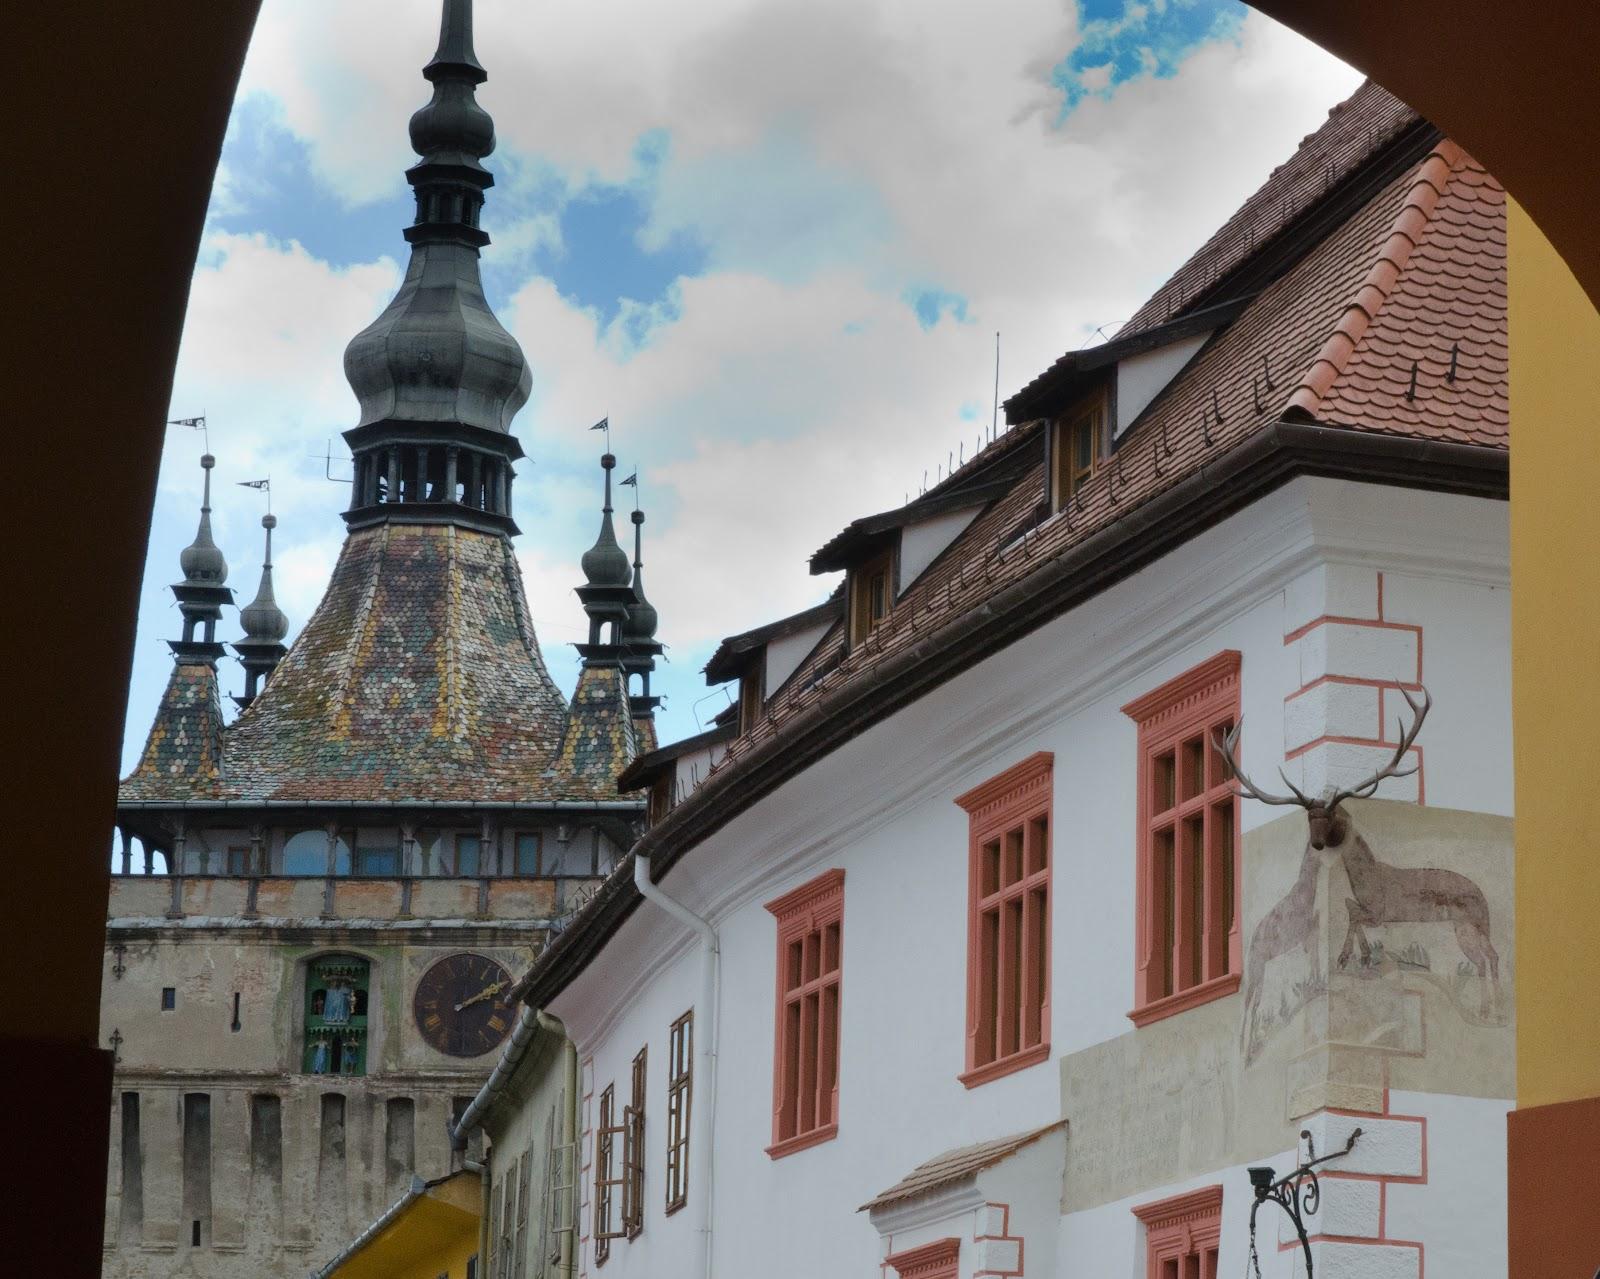 Emblemele Sighișoarei- Turnul cu ceas și Casa cu cerb